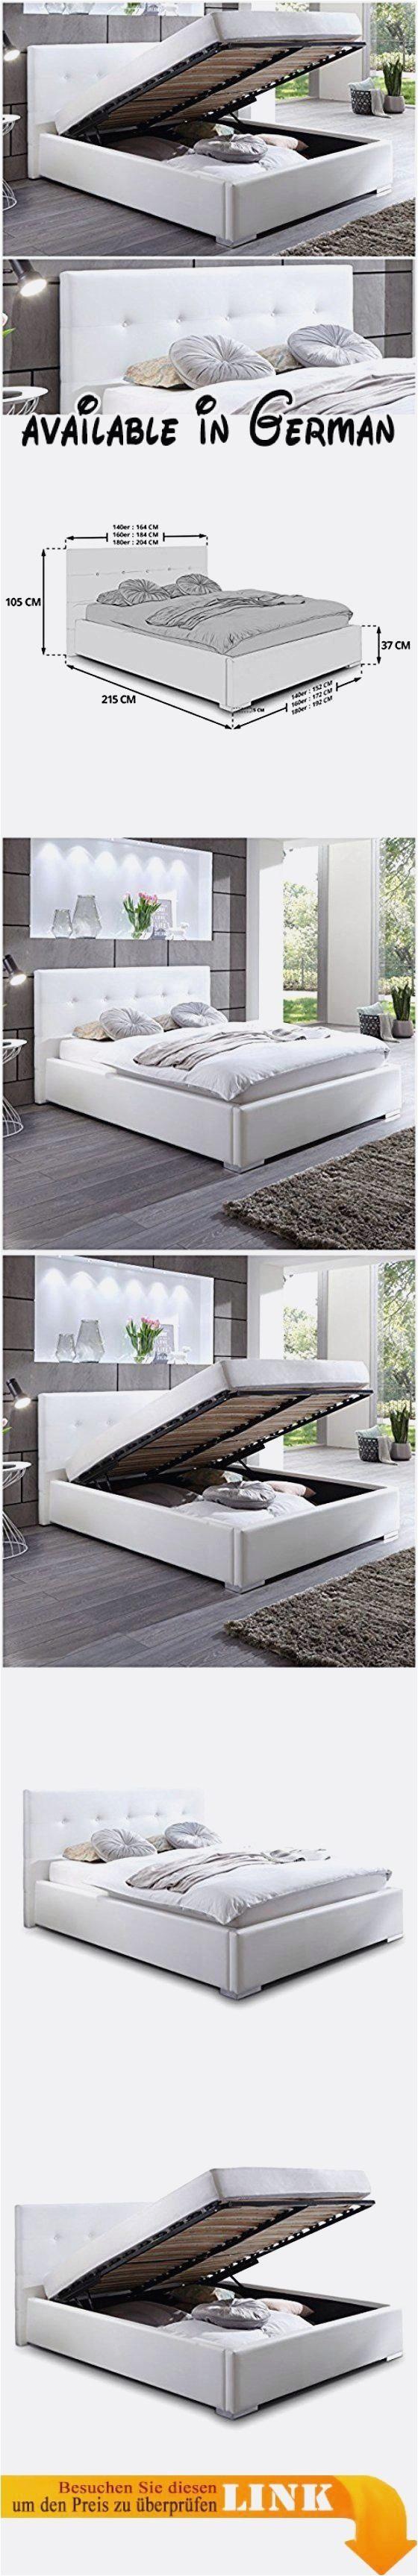 Lit Escamotable Ikea Génial Lit Relevable Ikea Concepts Lit Chez Ikea 2 Personnes Jete Lit